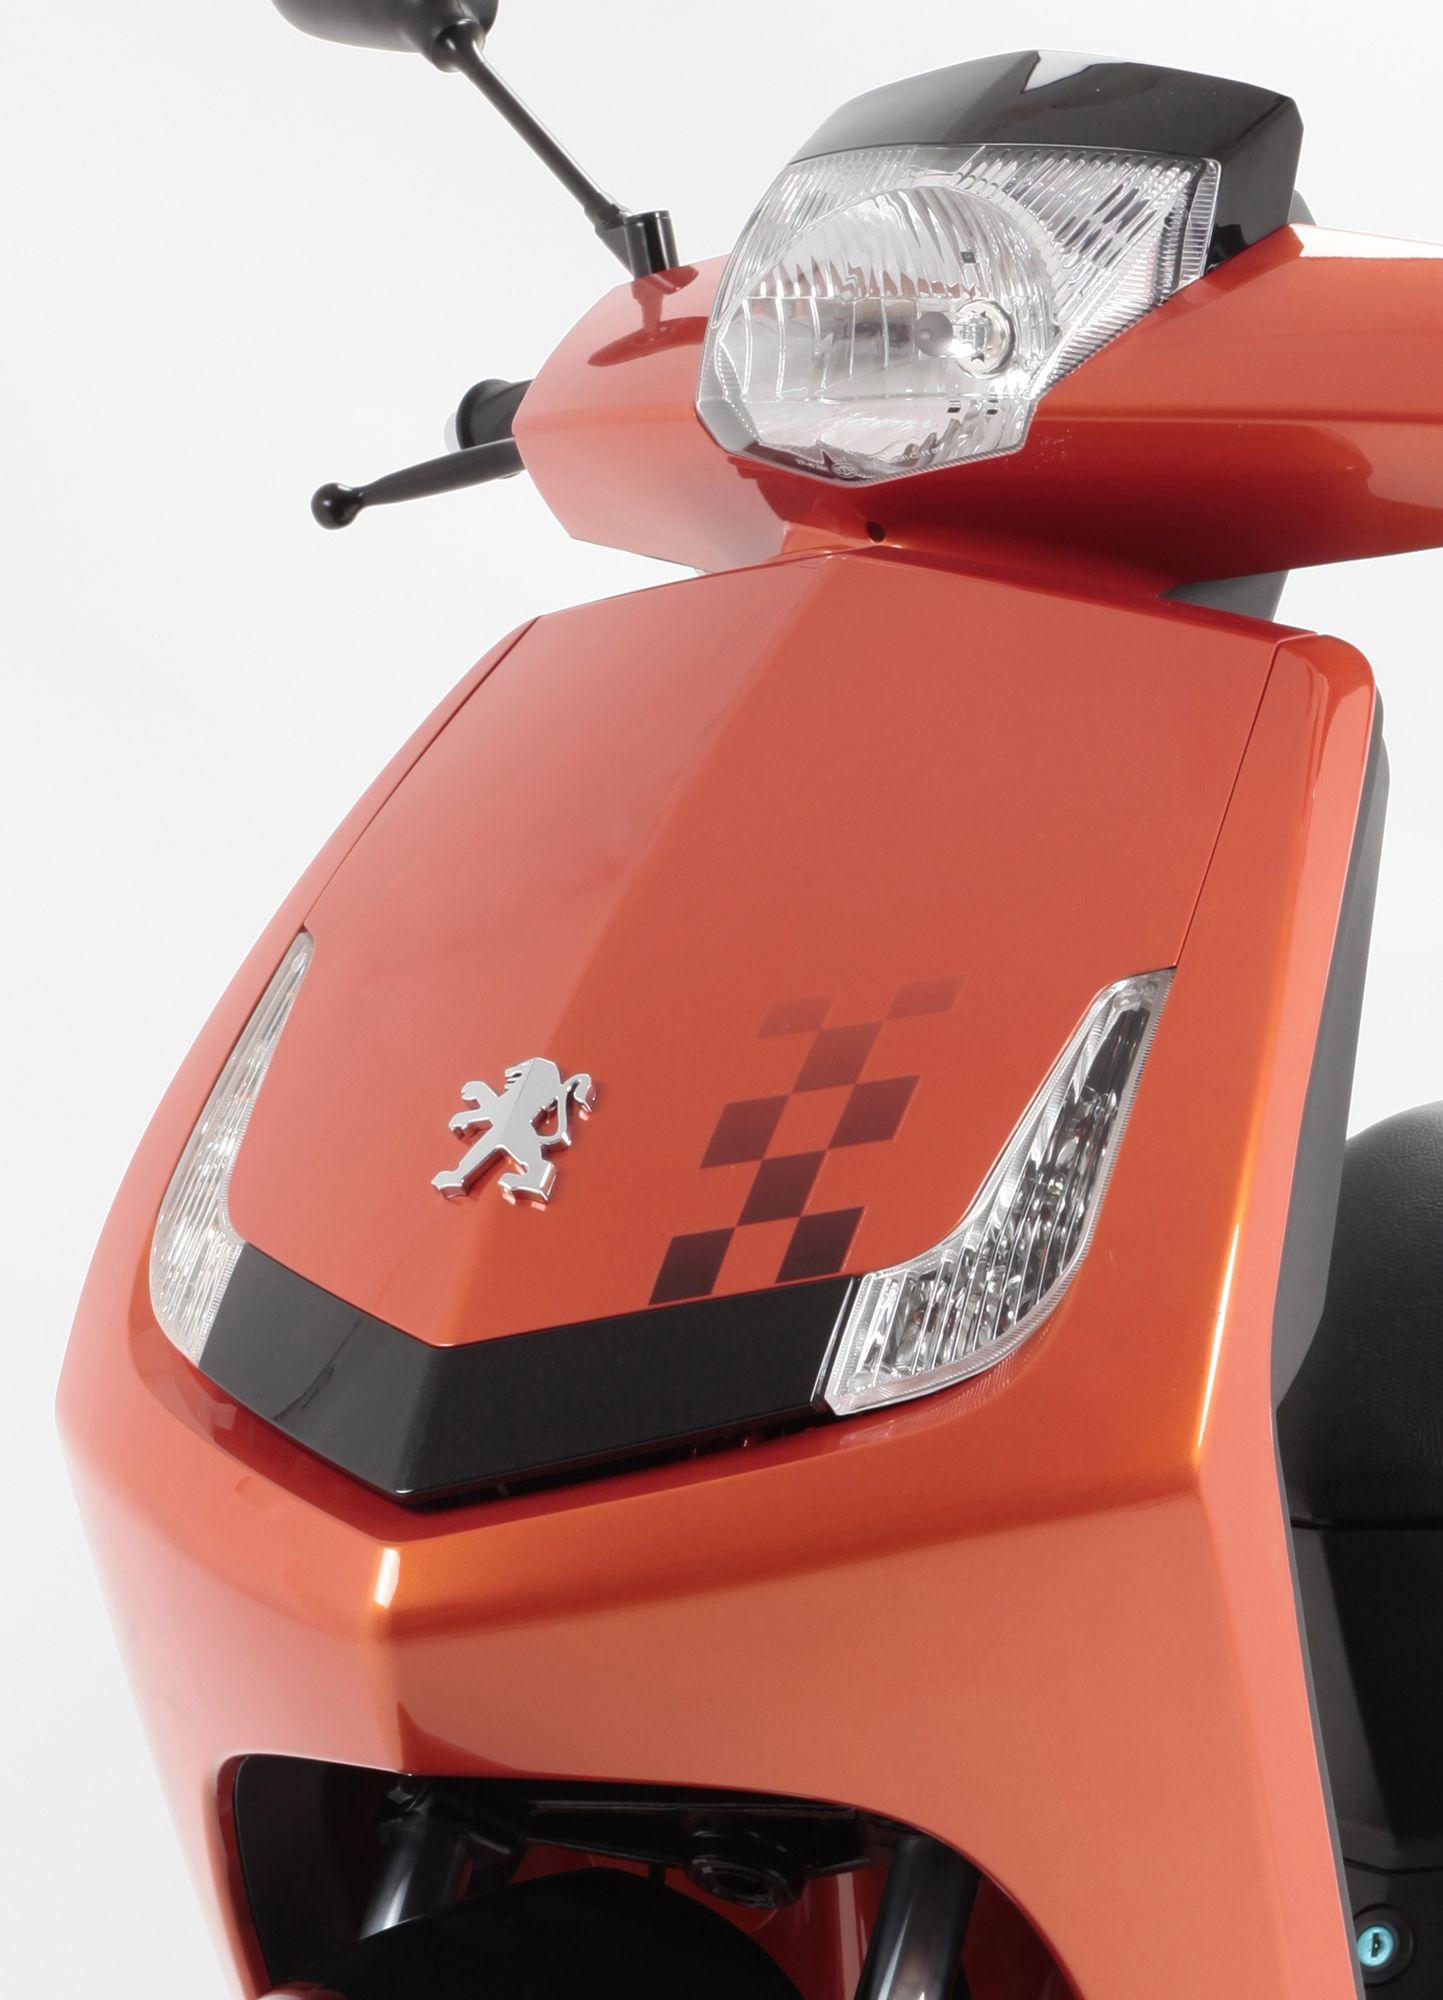 gebrauchte und neue peugeot vivacity 125cc motorr der kaufen. Black Bedroom Furniture Sets. Home Design Ideas